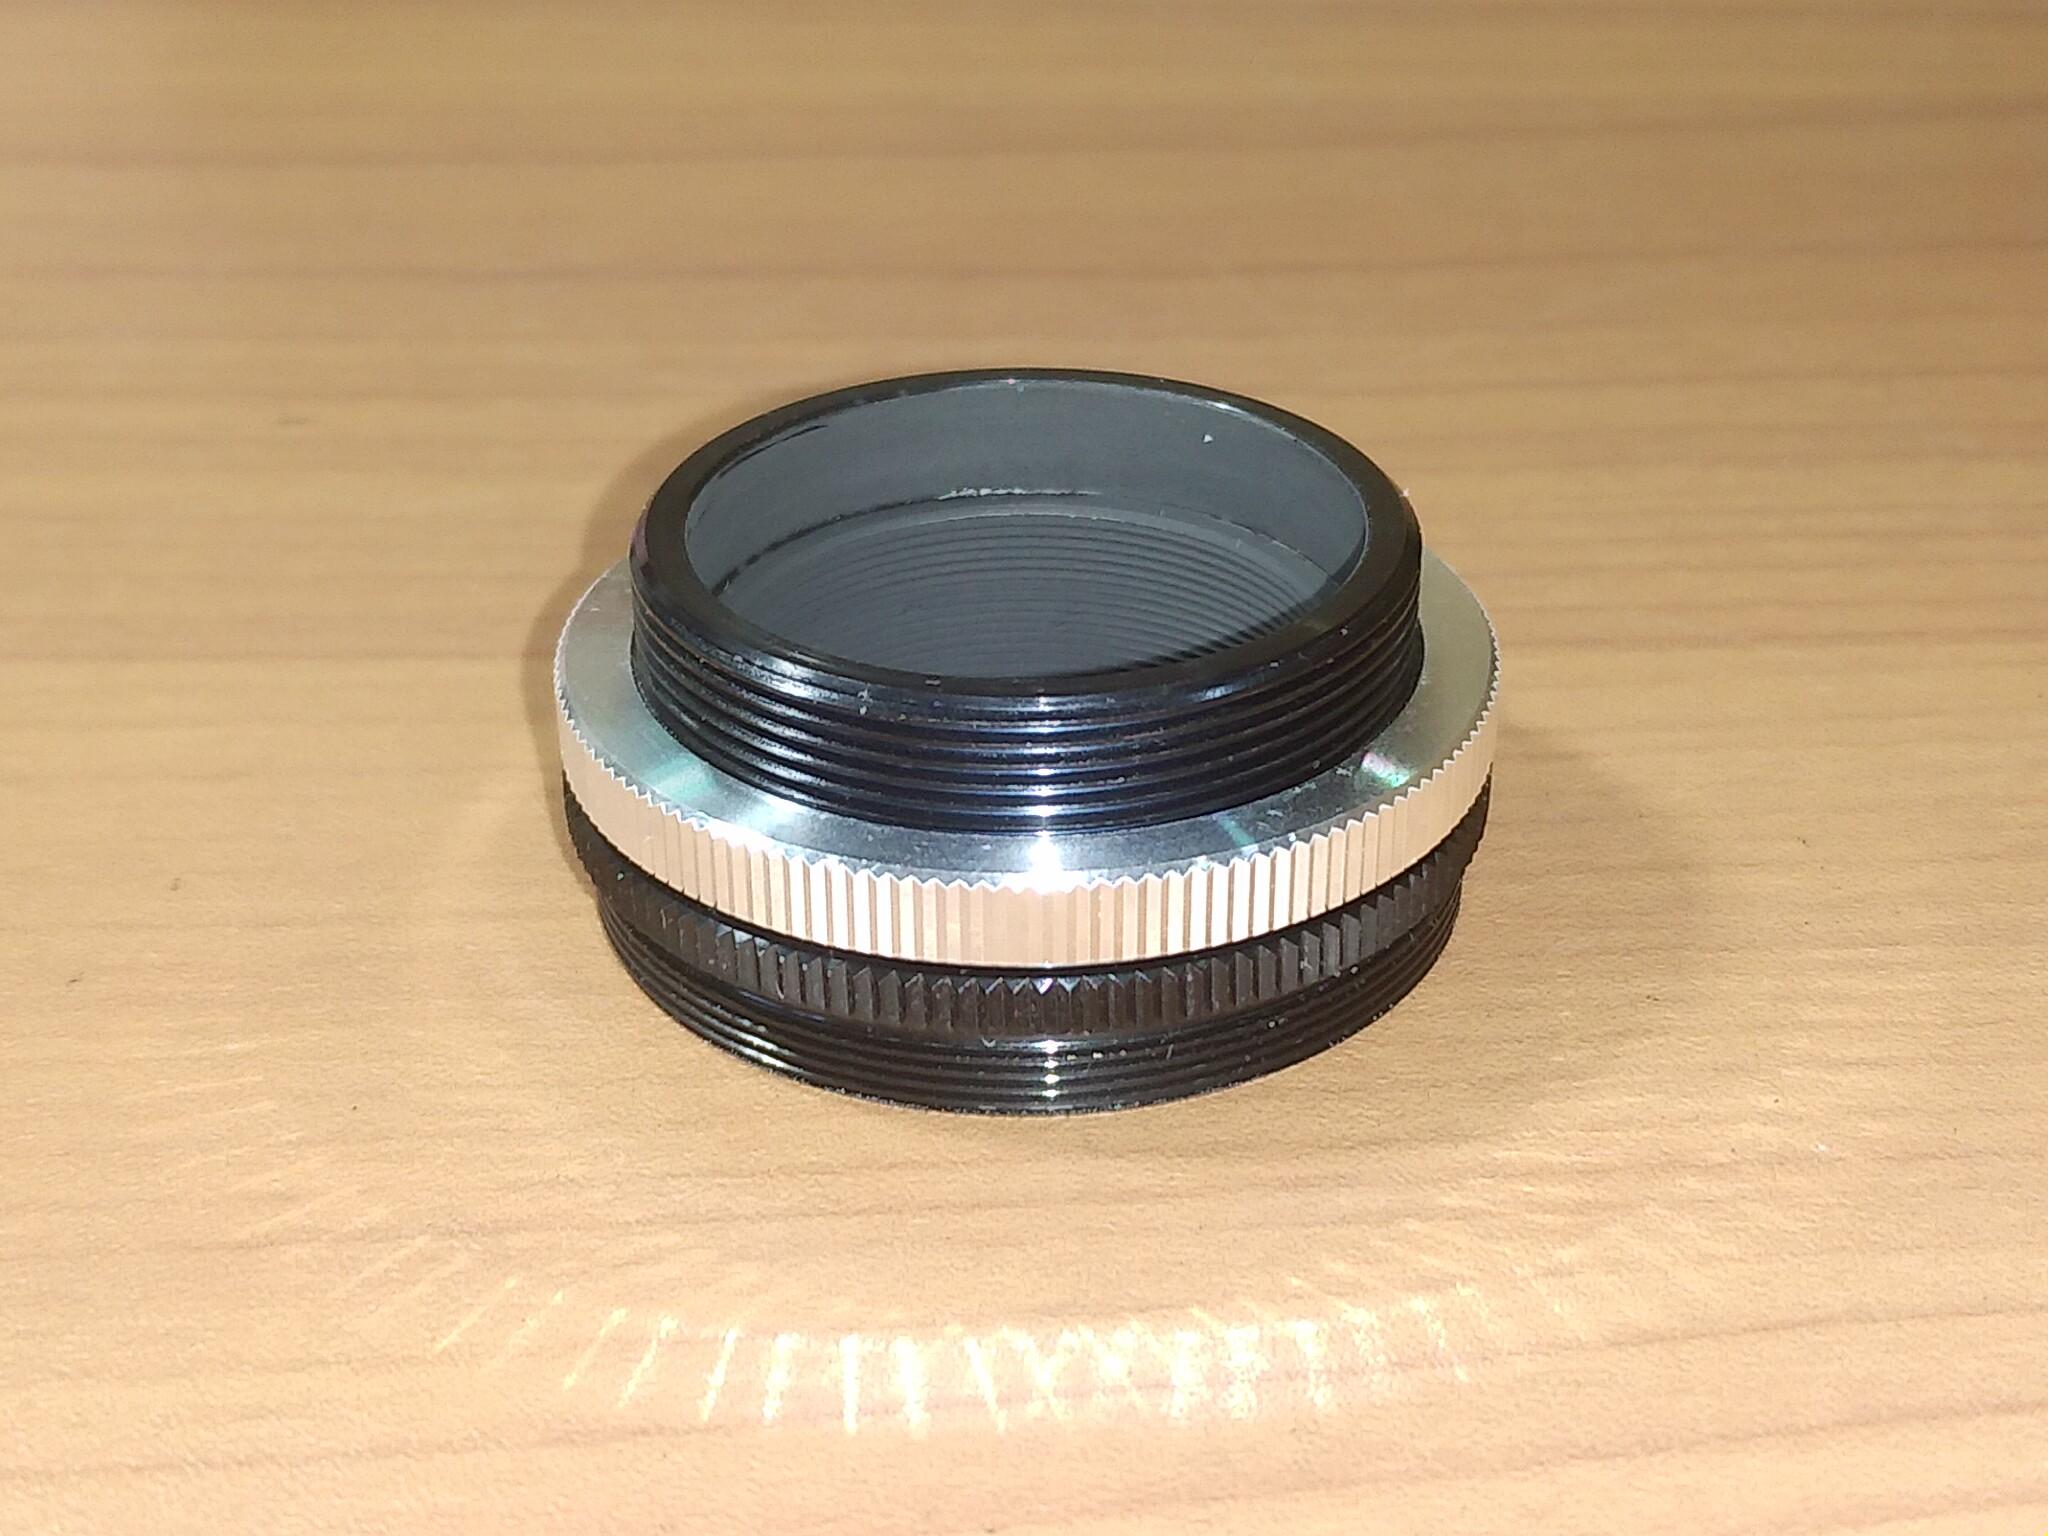 一眼カメラ接続アダプタ(36.4 - 42T アダプタ)↑